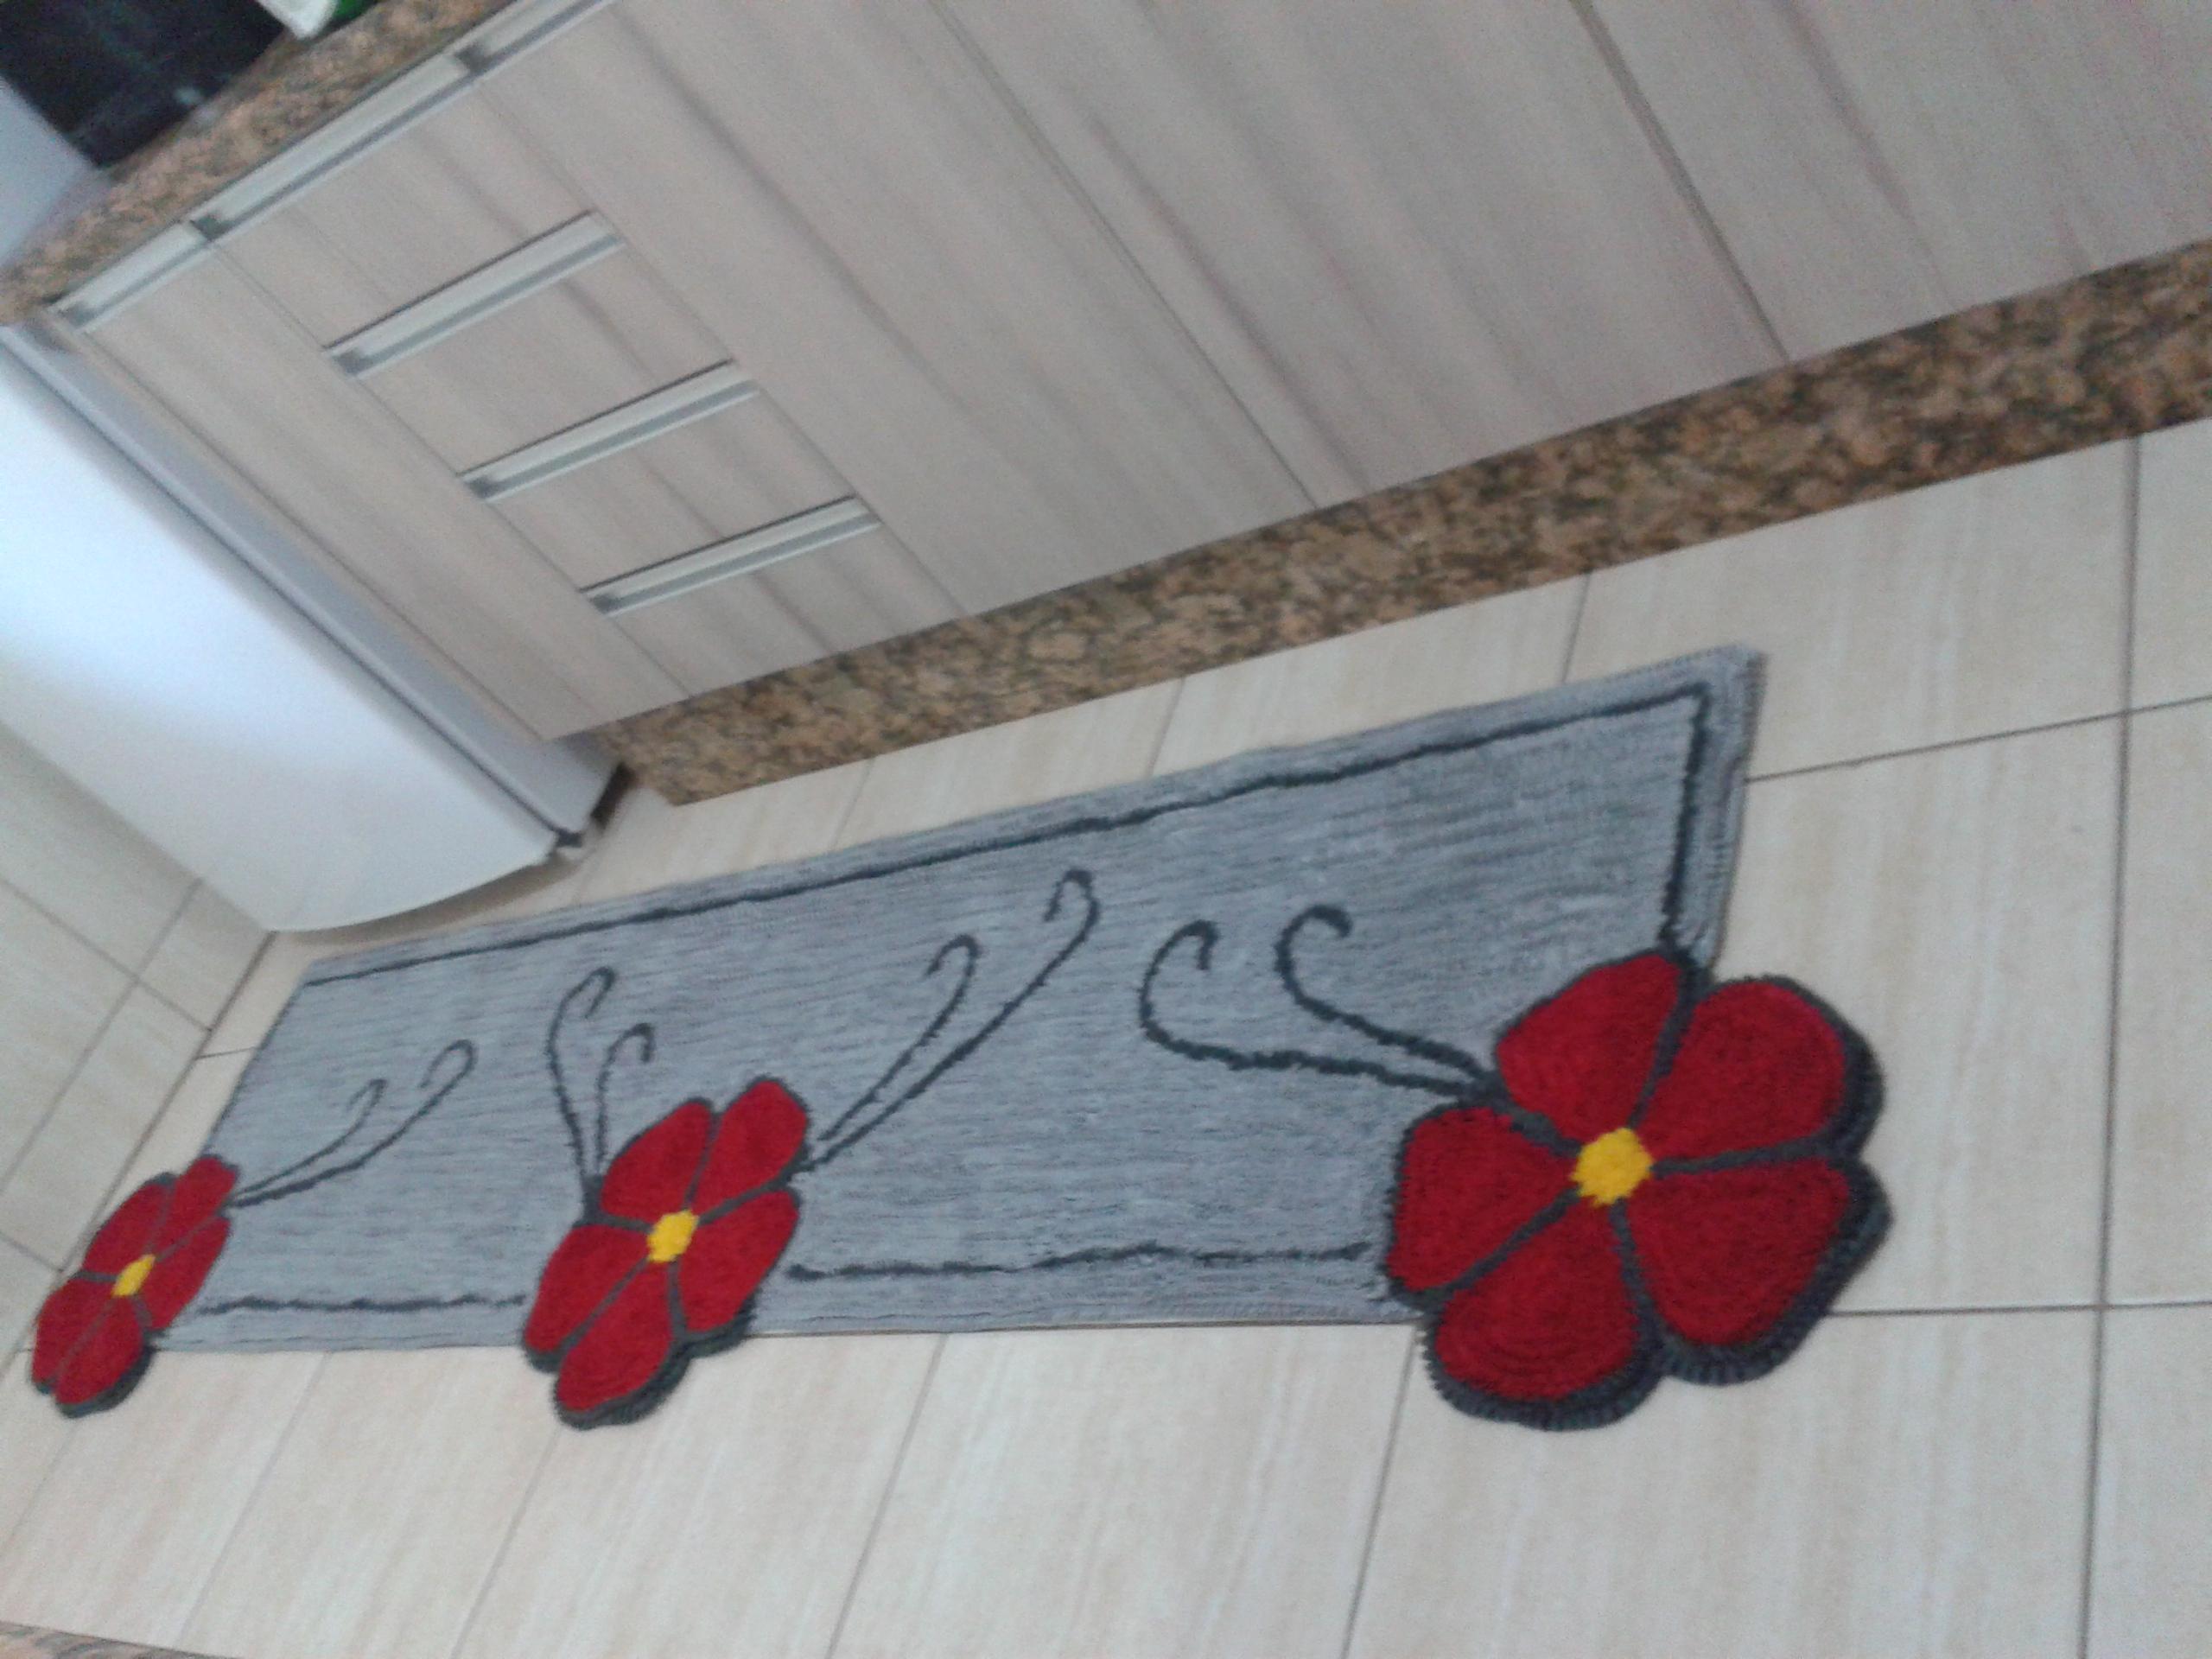 Tapete Frufru Para Cozinha Com Flores No Elo7 Tapete Frufru Da  -> Tapete Frufru De Flor